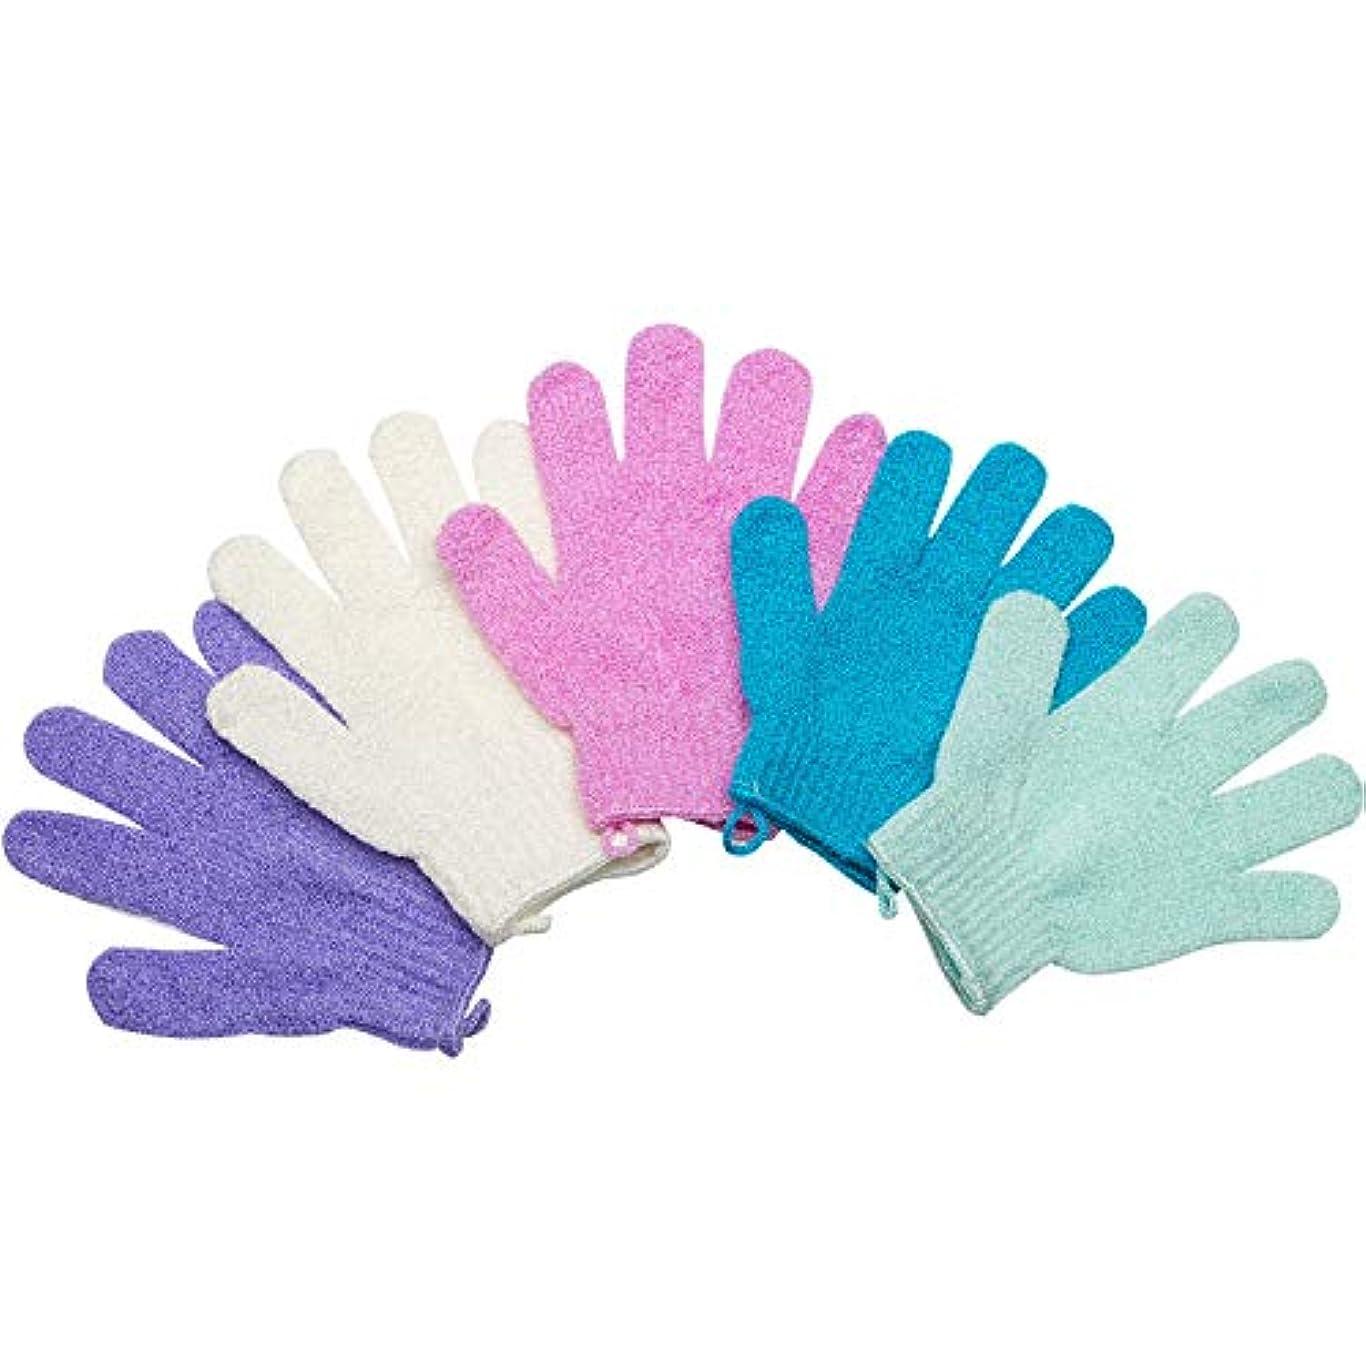 スティックラフ睡眠不利益5ペアセットお風呂用手袋 入浴用品 垢すり用グローブ 抗菌加工 角質除去 泡立ち 男女兼用 便利なループ付け